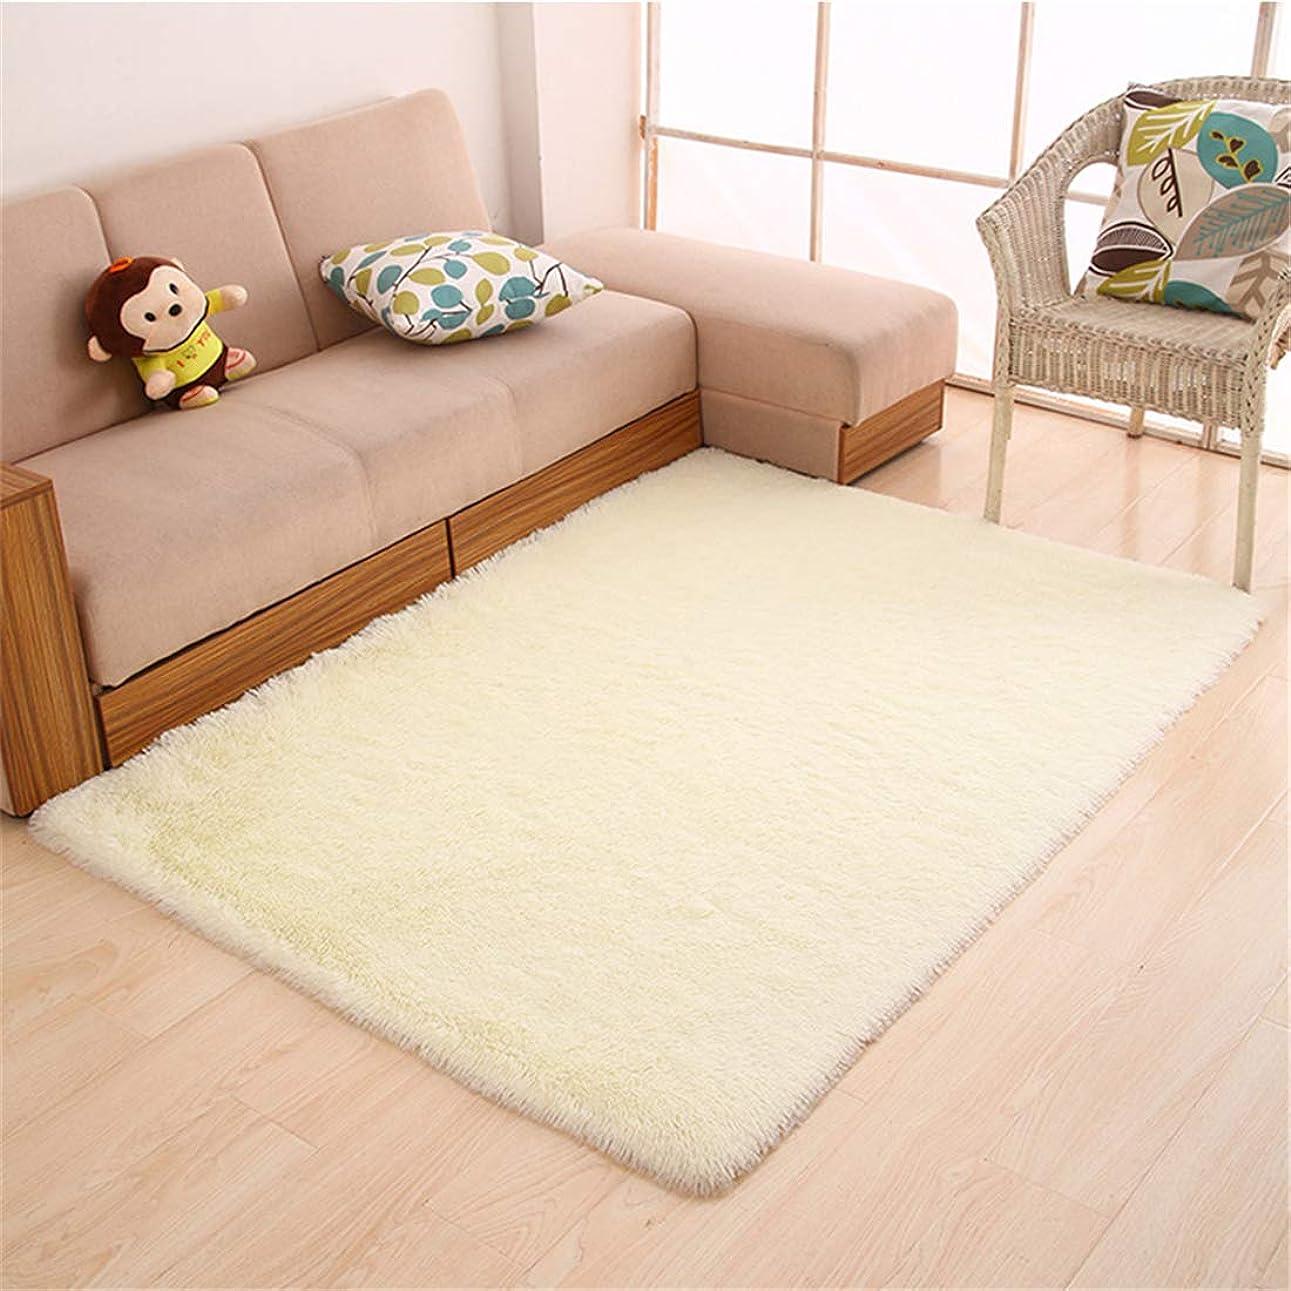 シェトランド諸島換気する活力ネイビー 絨毯 子ども部屋ラグ 現代のシンプルさ 50x80cm 長方形 厚手のシルクヘアーリビングルームのコーヒーテーブルの寝室のベッドサイドのカーペットのバスルーム滑り止めマットヨガマット畳クロールマット 虹 ラグ